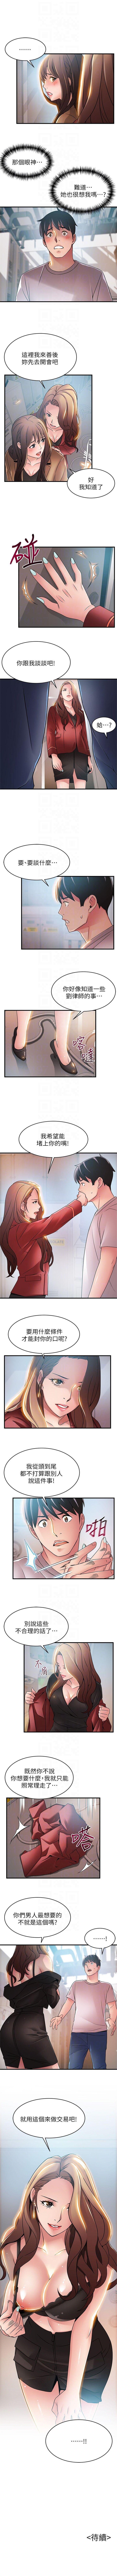 弱点 1-64 中文翻译(更新中) 236